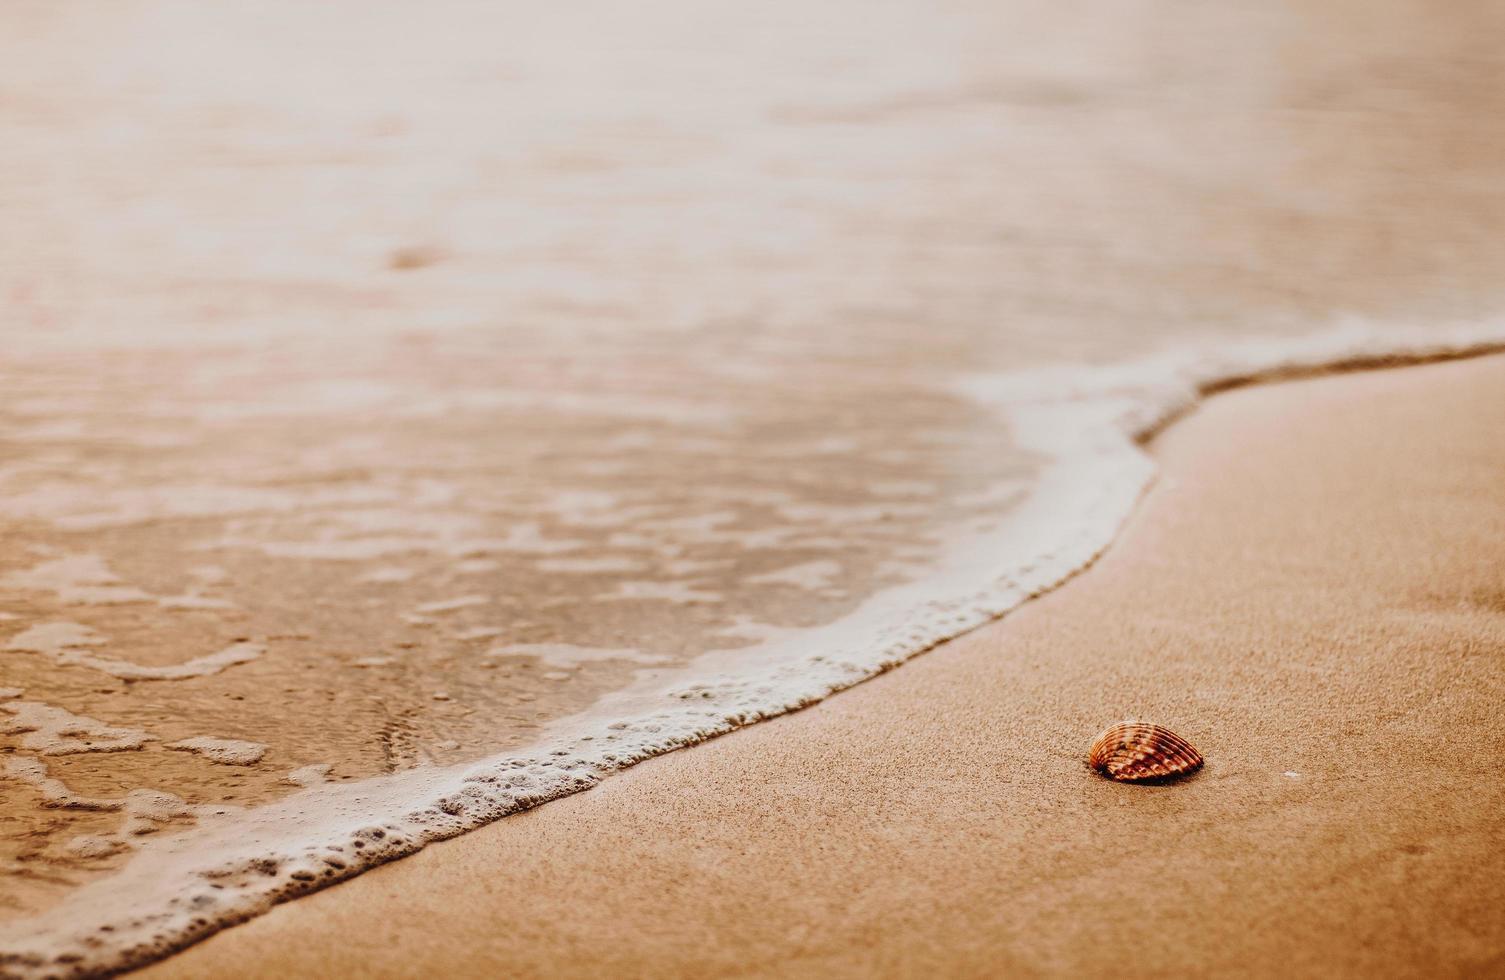 coquillage sur la plage à l'heure d'or photo